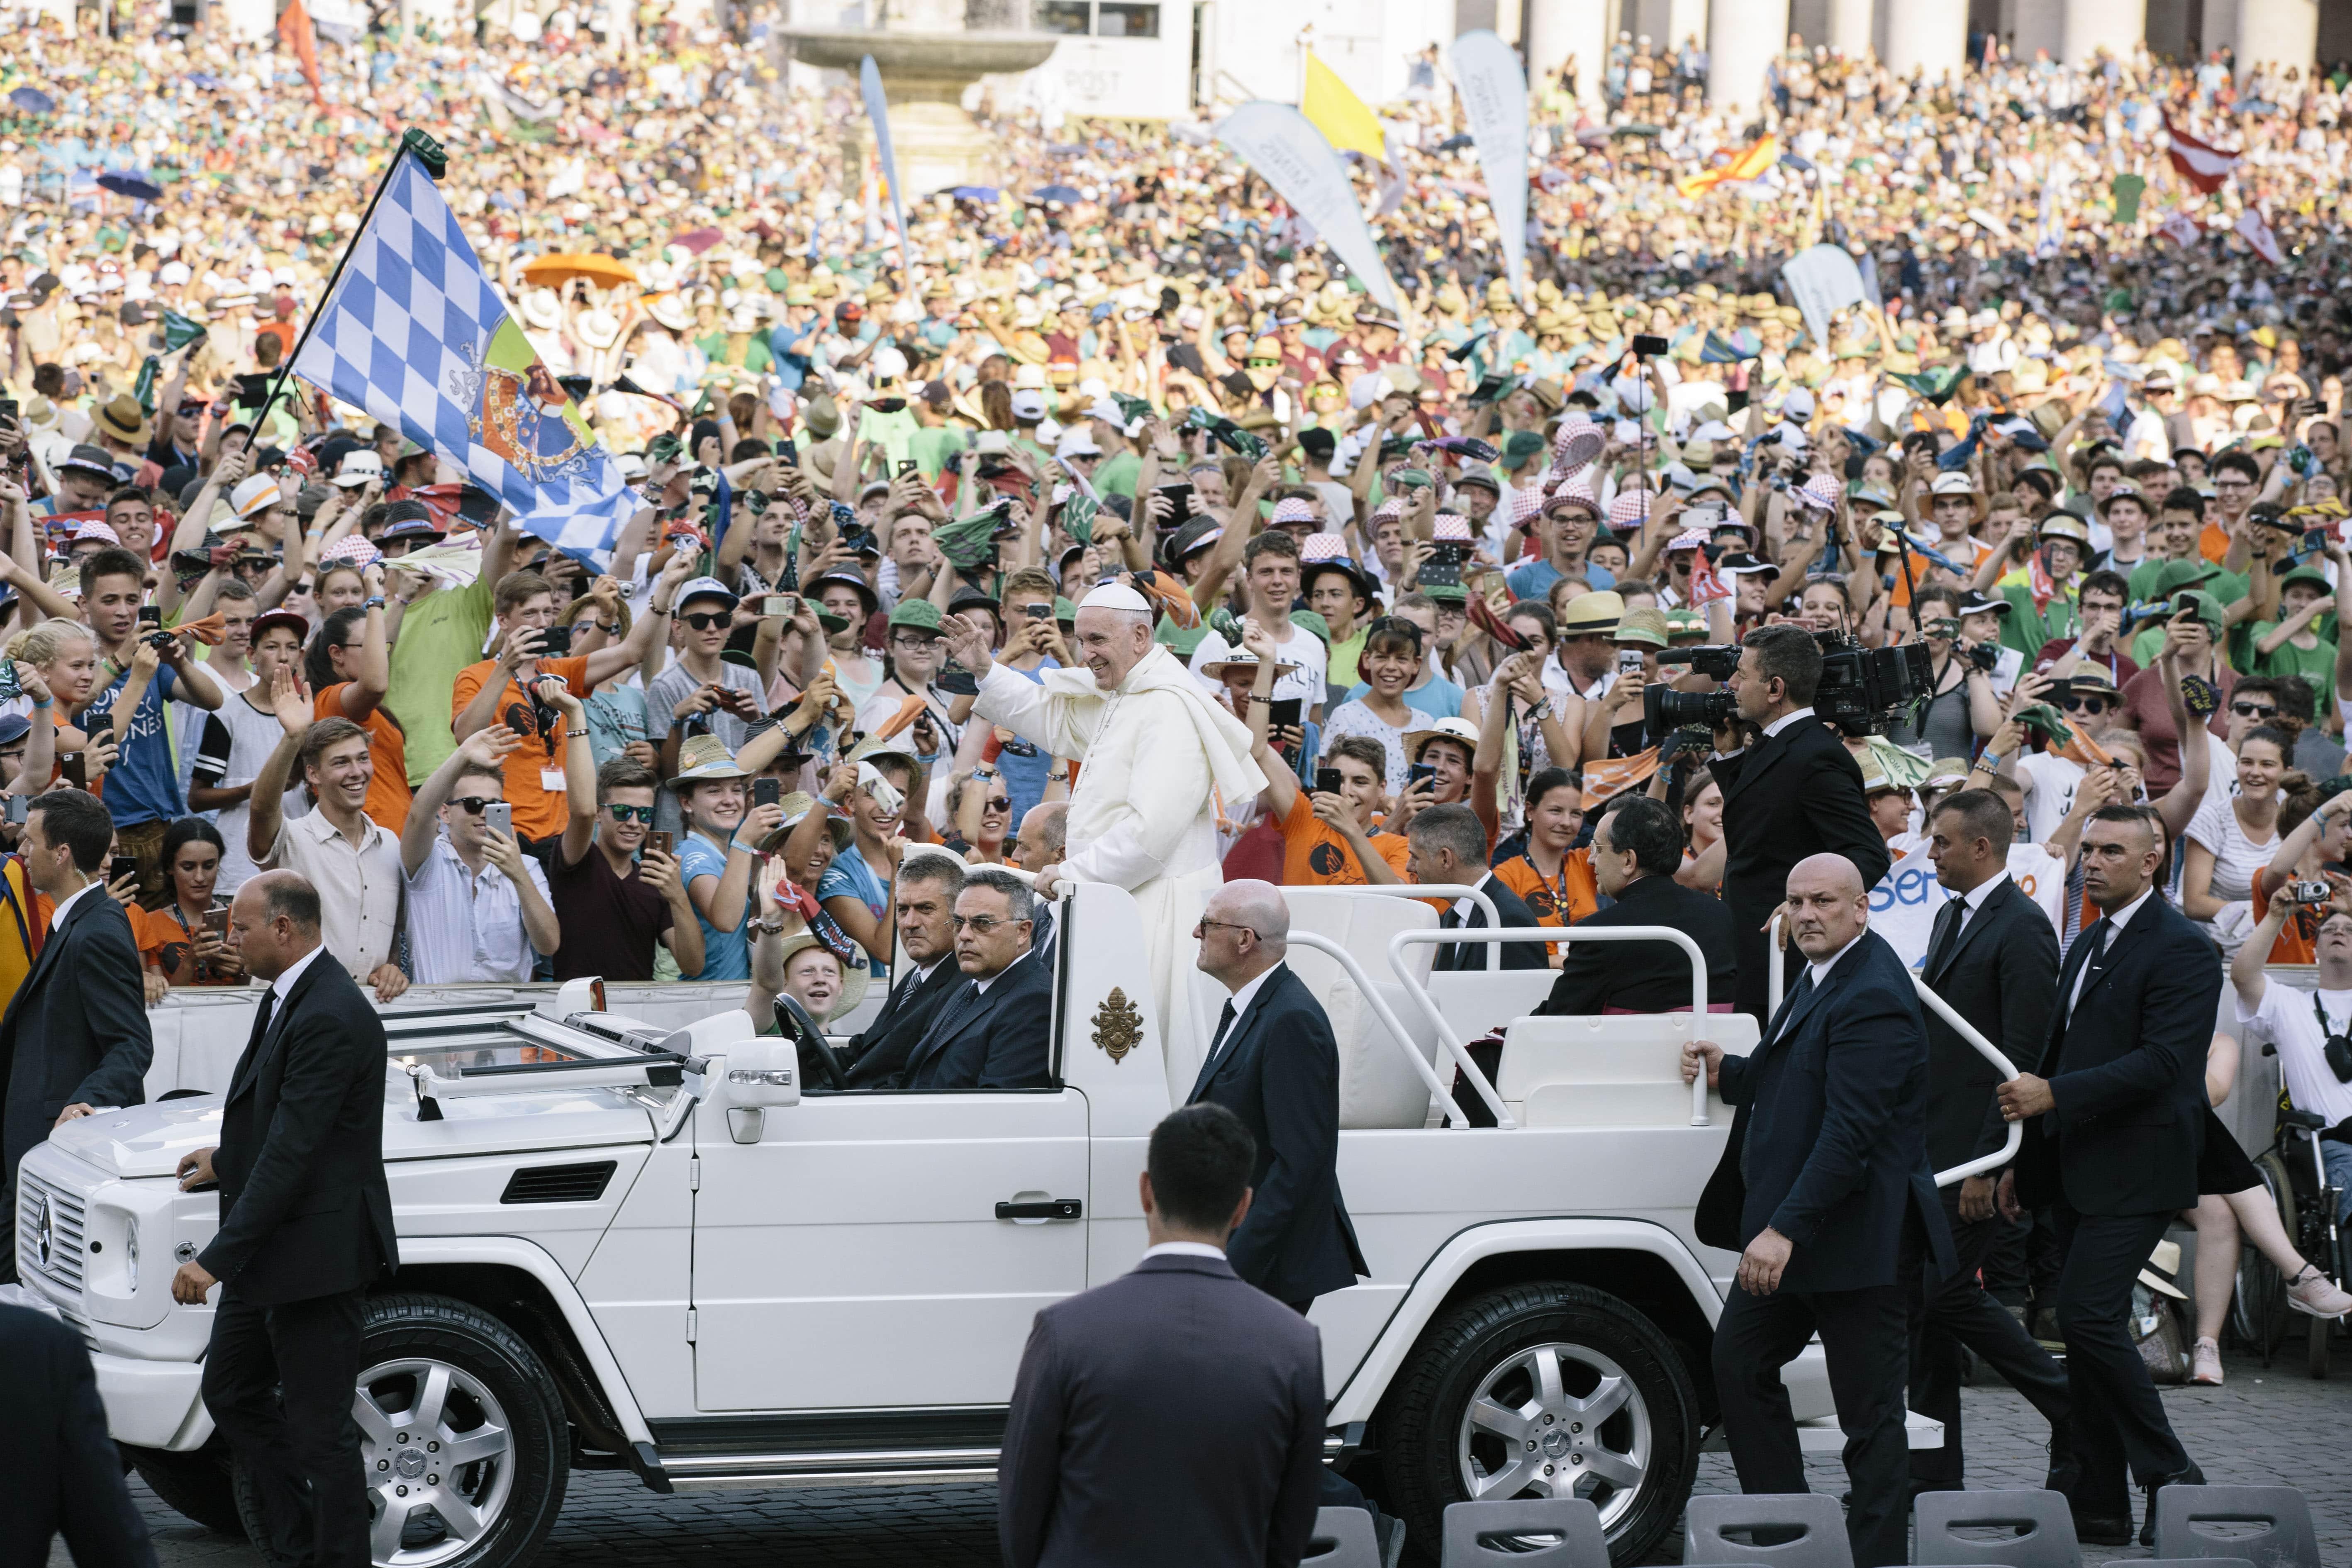 Papst Franziskus fährt mit dem Papamobil durch die Menge der Ministranten.